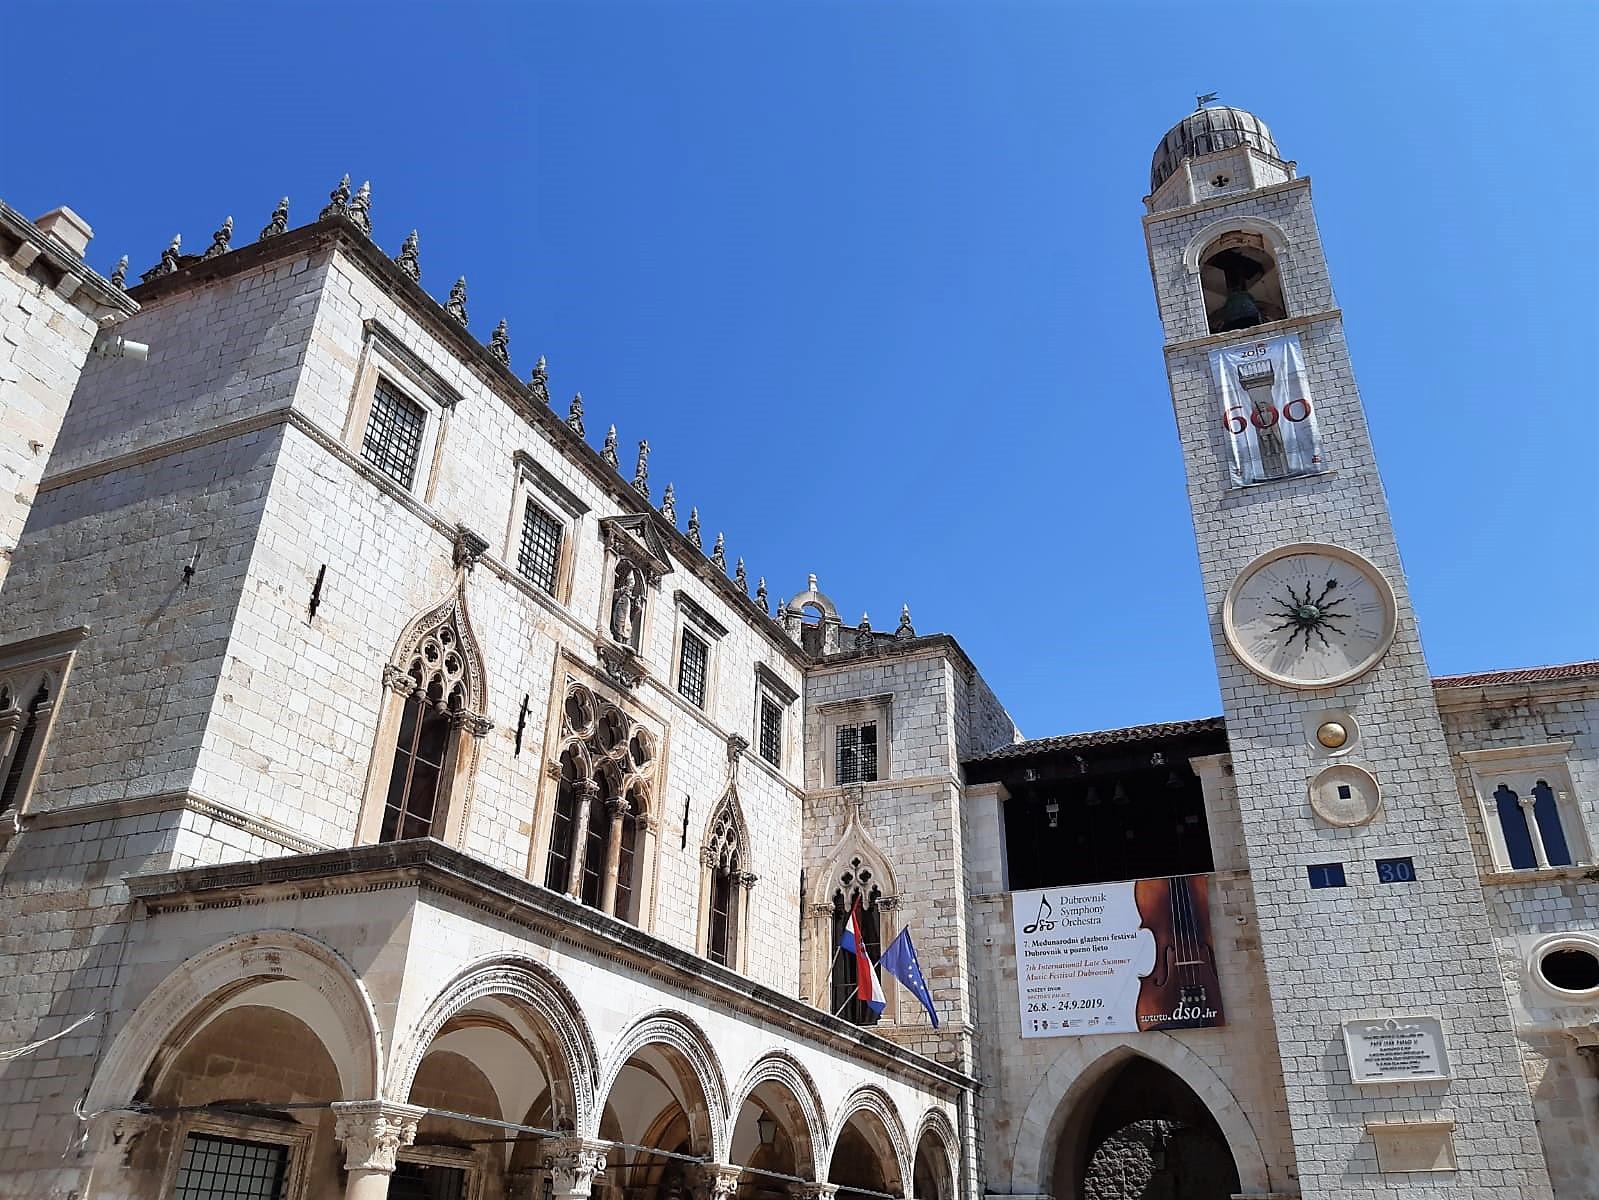 Rektorenpalast in der Altstadt von Dubrovnik